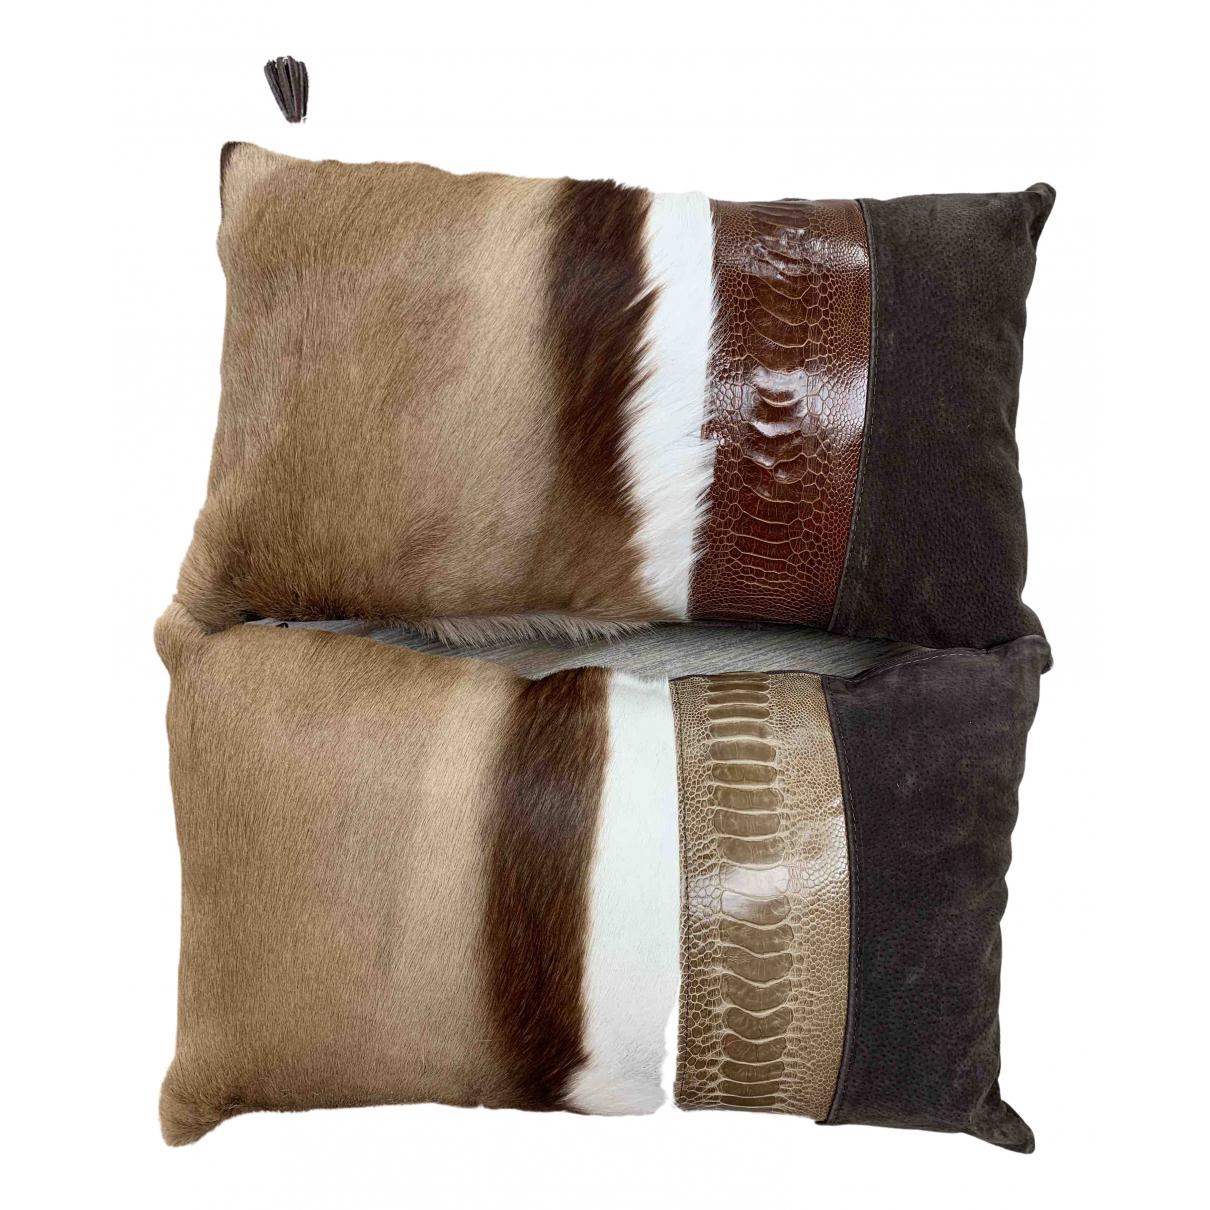 Fsp Collection - Linge de maison   pour lifestyle en fourrure - marron